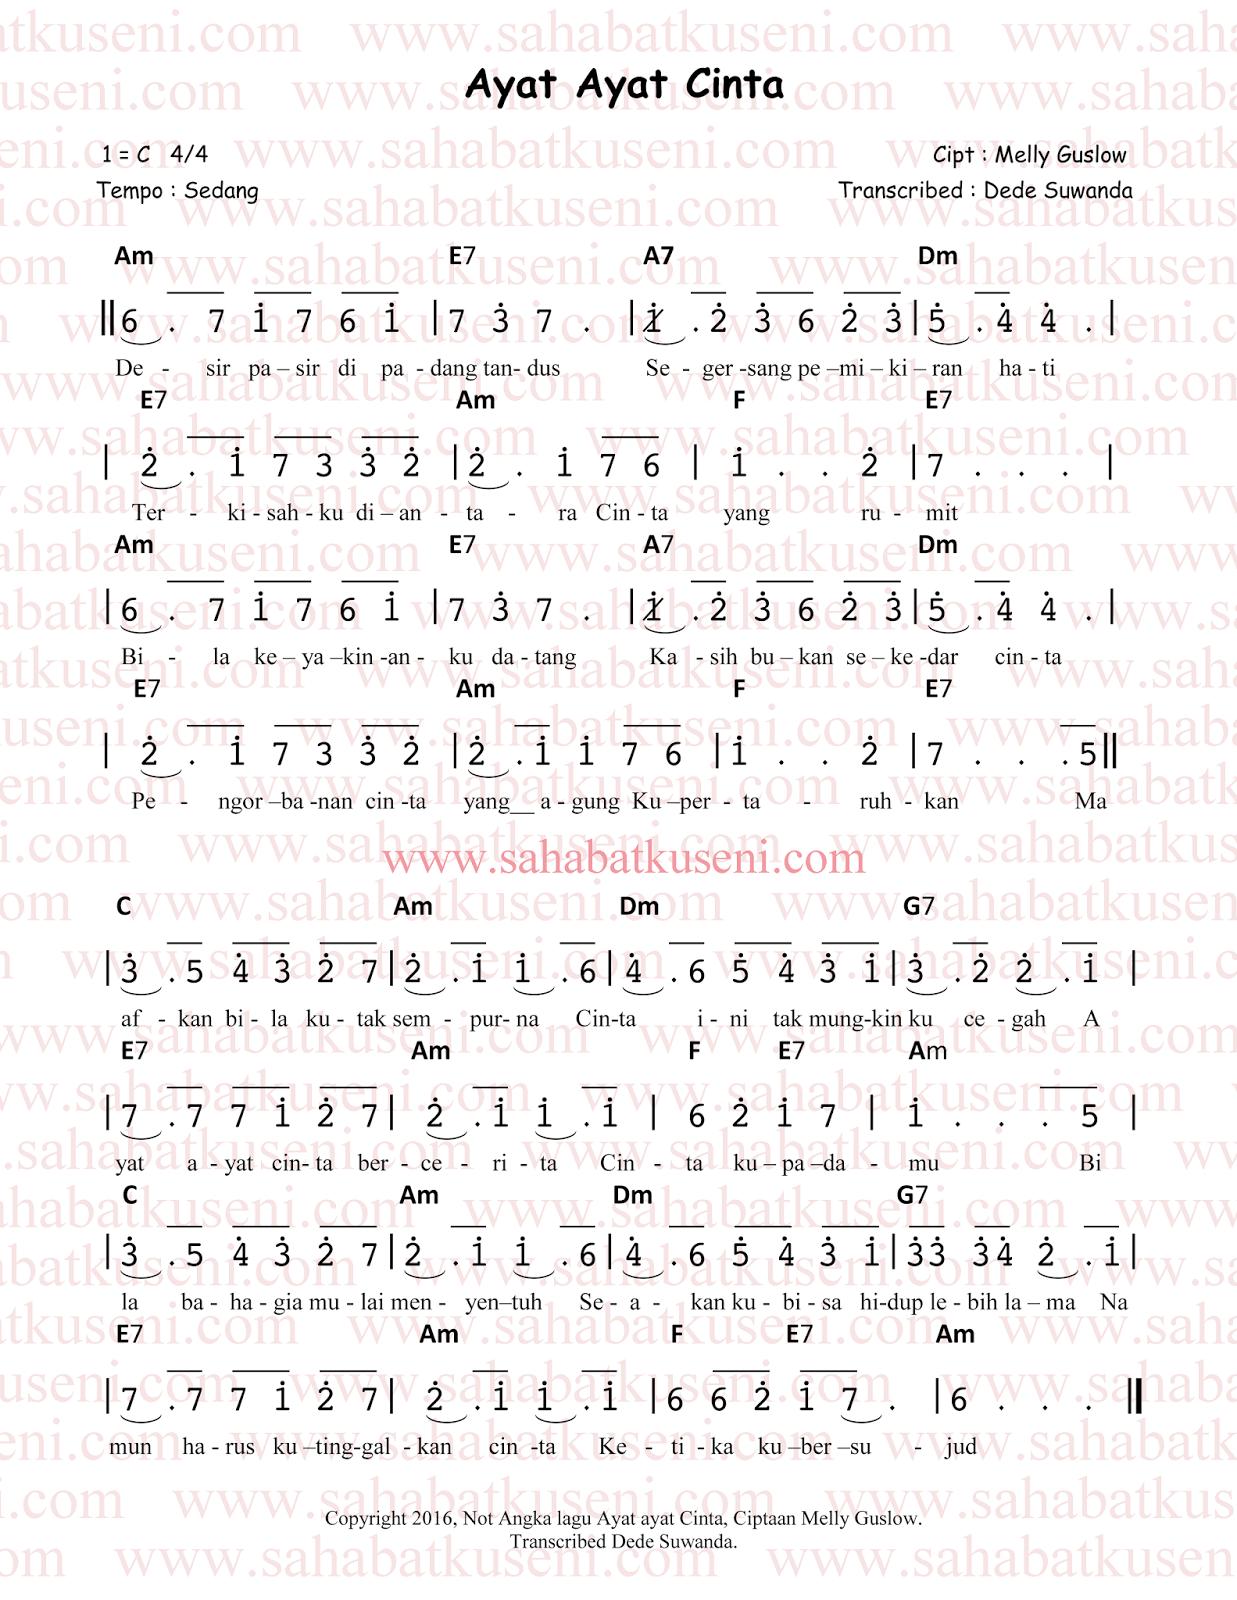 not angka lagu ayat-ayat cinta rossa